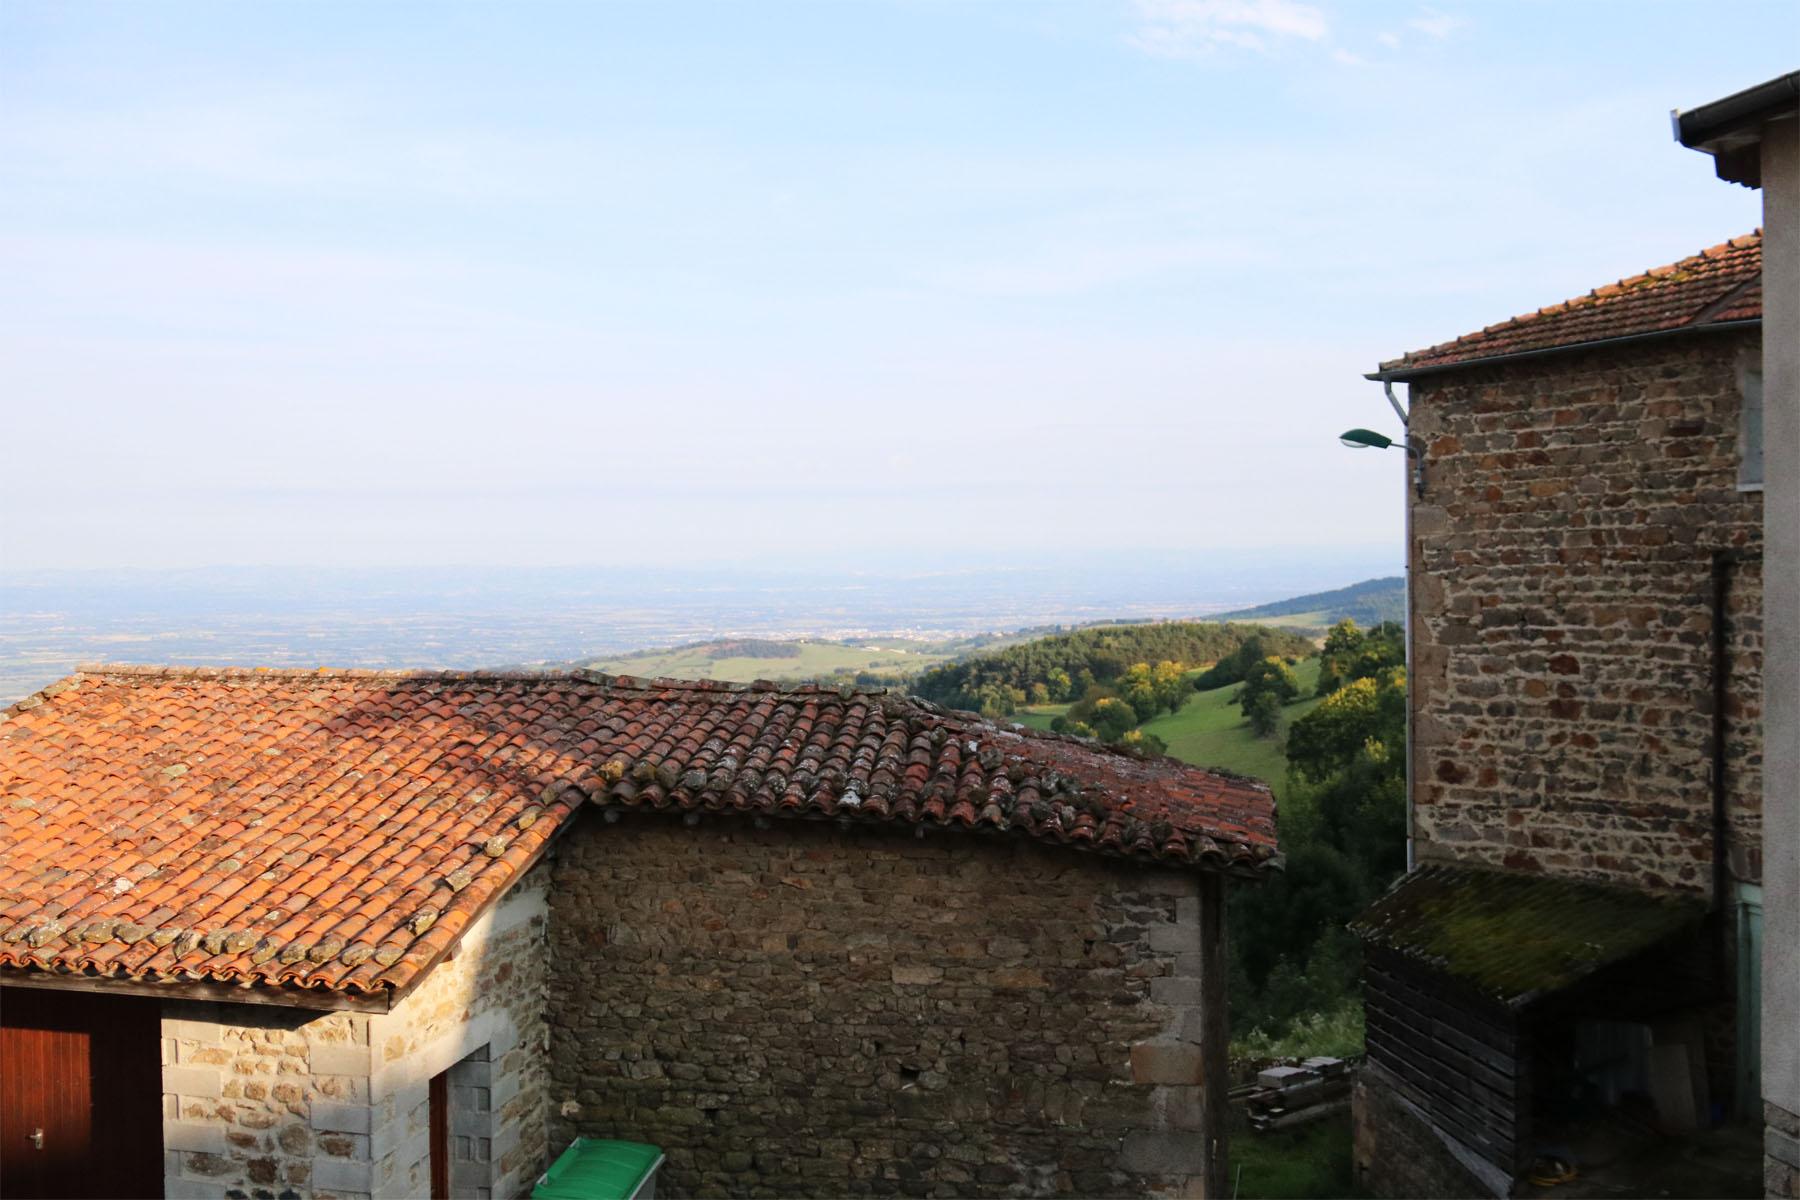 Saint-Bonnet-le-Courreau.